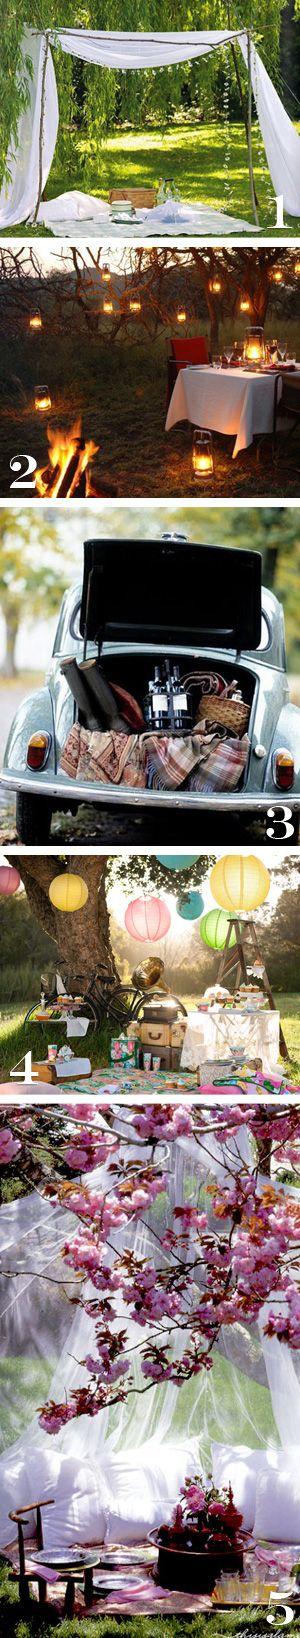 Preciosos escenarios para sesiones pre boda o de compromiso!!!